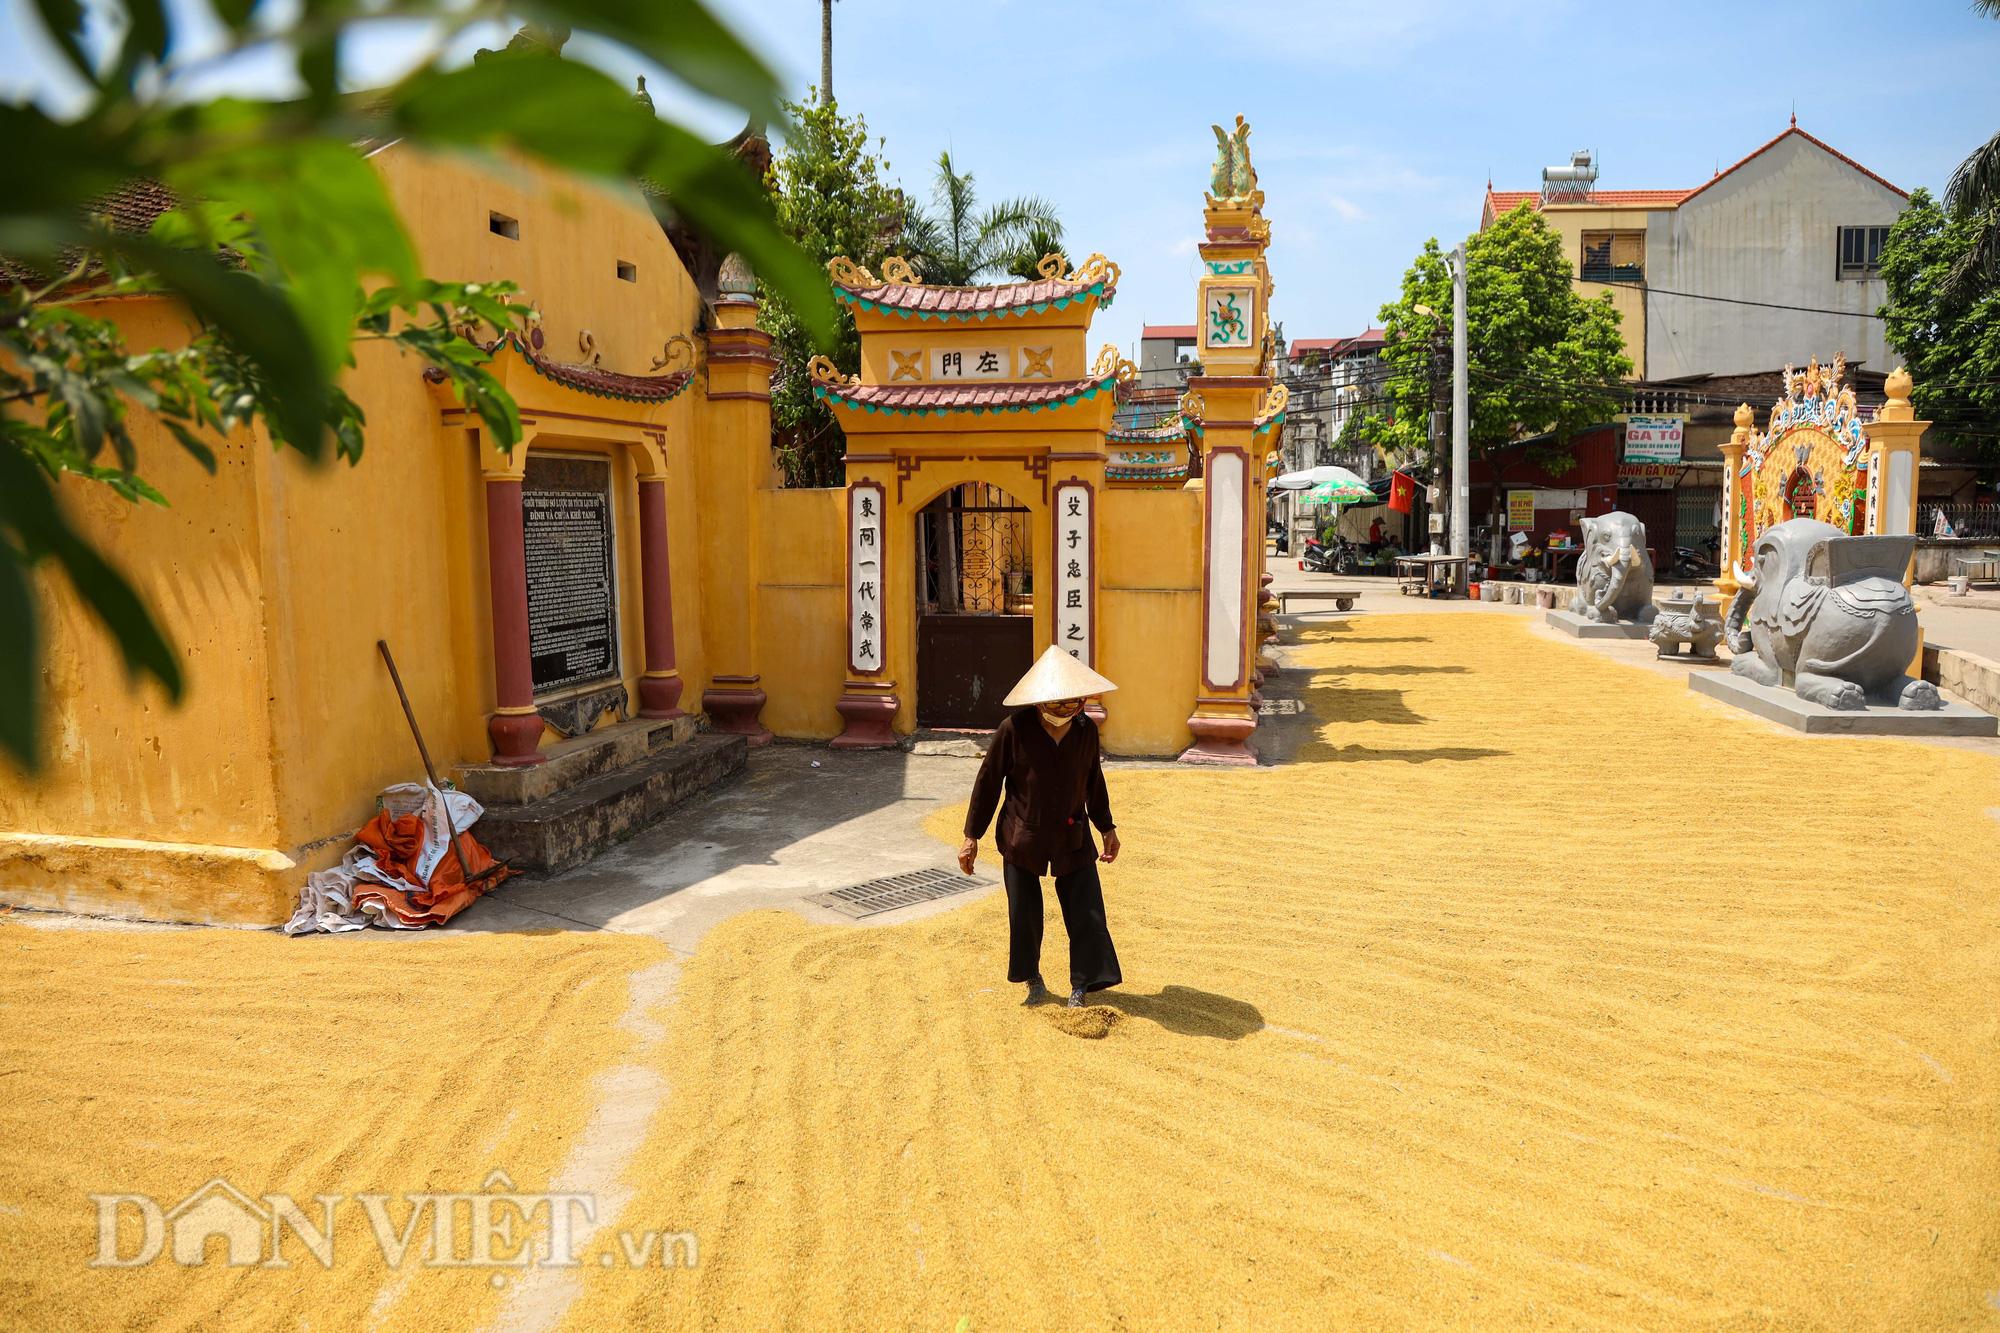 Nông dân Hà Nội đội nắng đón vụ mùa bội thu - Ảnh 12.